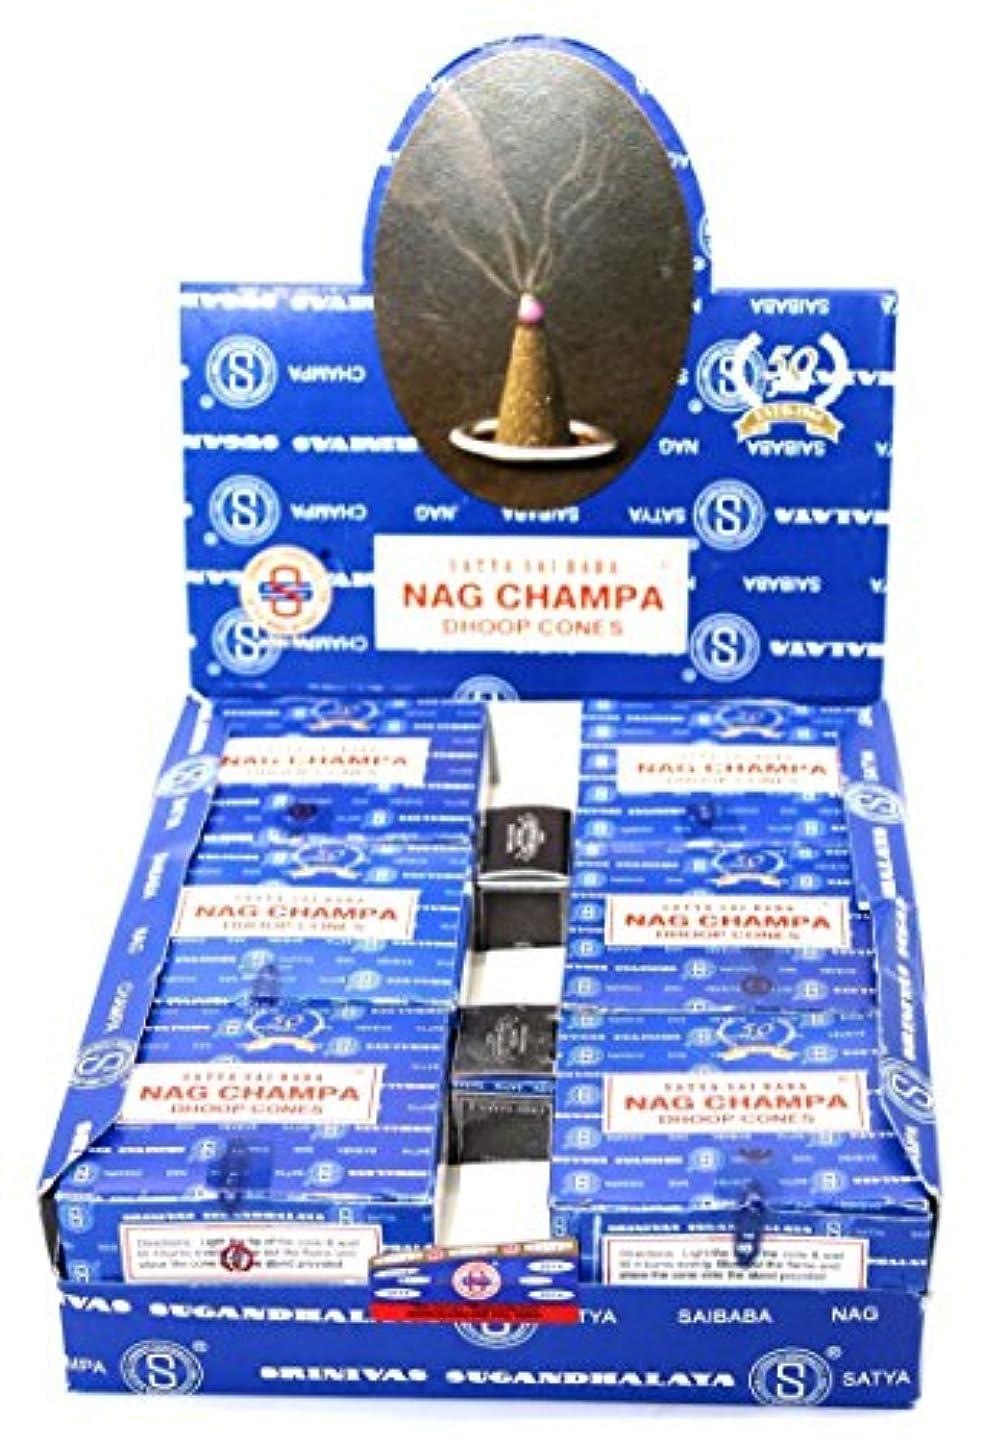 通信網かもめ悲鳴Nag Champa Satya Sai Baba Temple Incense Cones Carton, 12 Box by Nag Champa [並行輸入品]